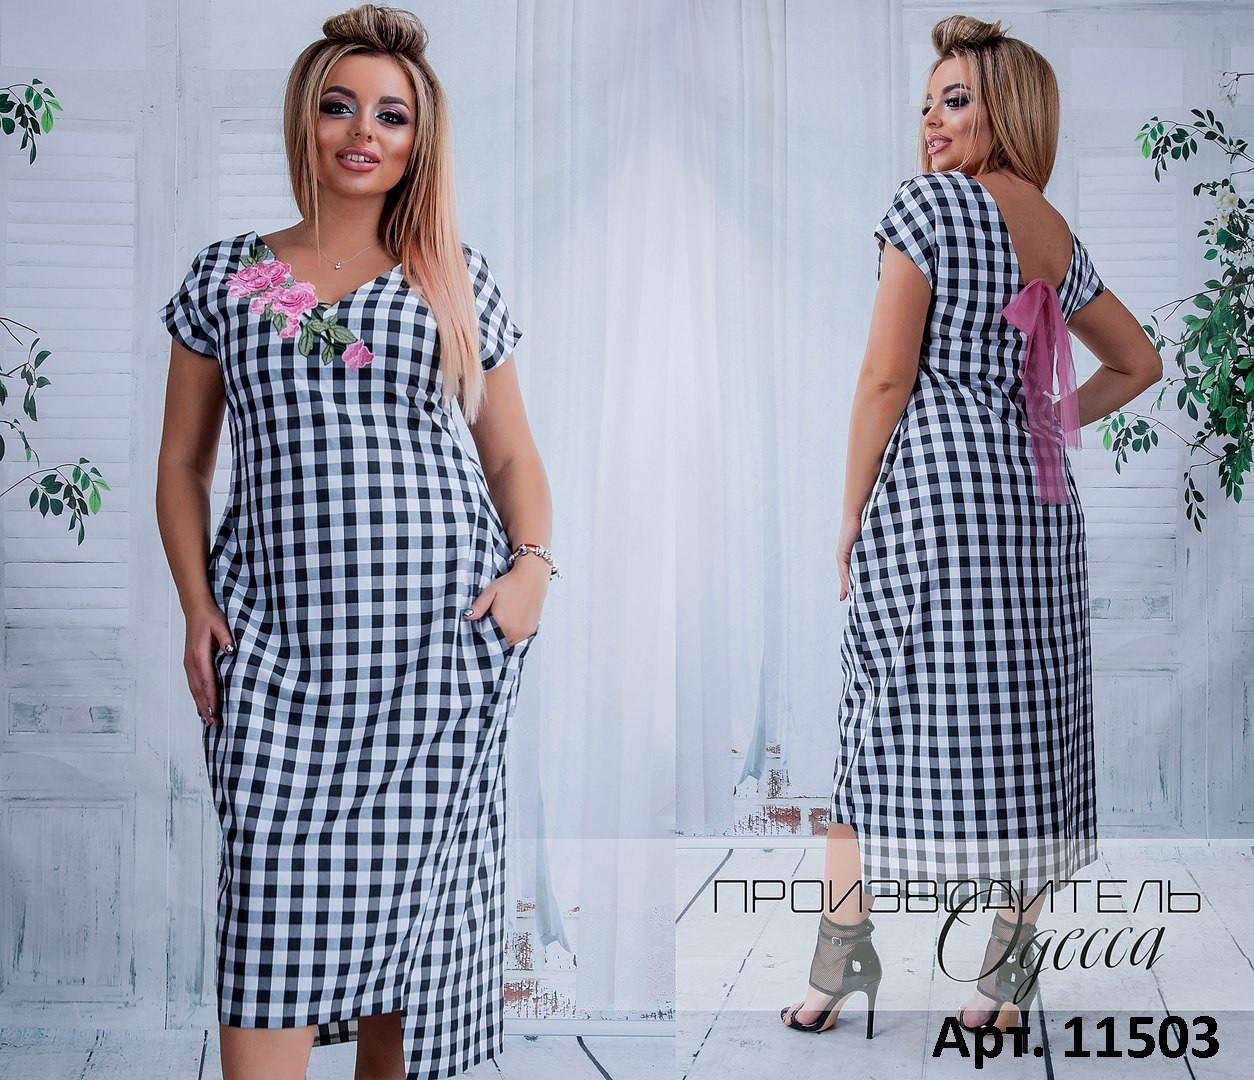 Платье в клеточку с цветочным принтом вышитым шелковой нитью ручная работ Премиум под заказ до 7 дней р. 46-60